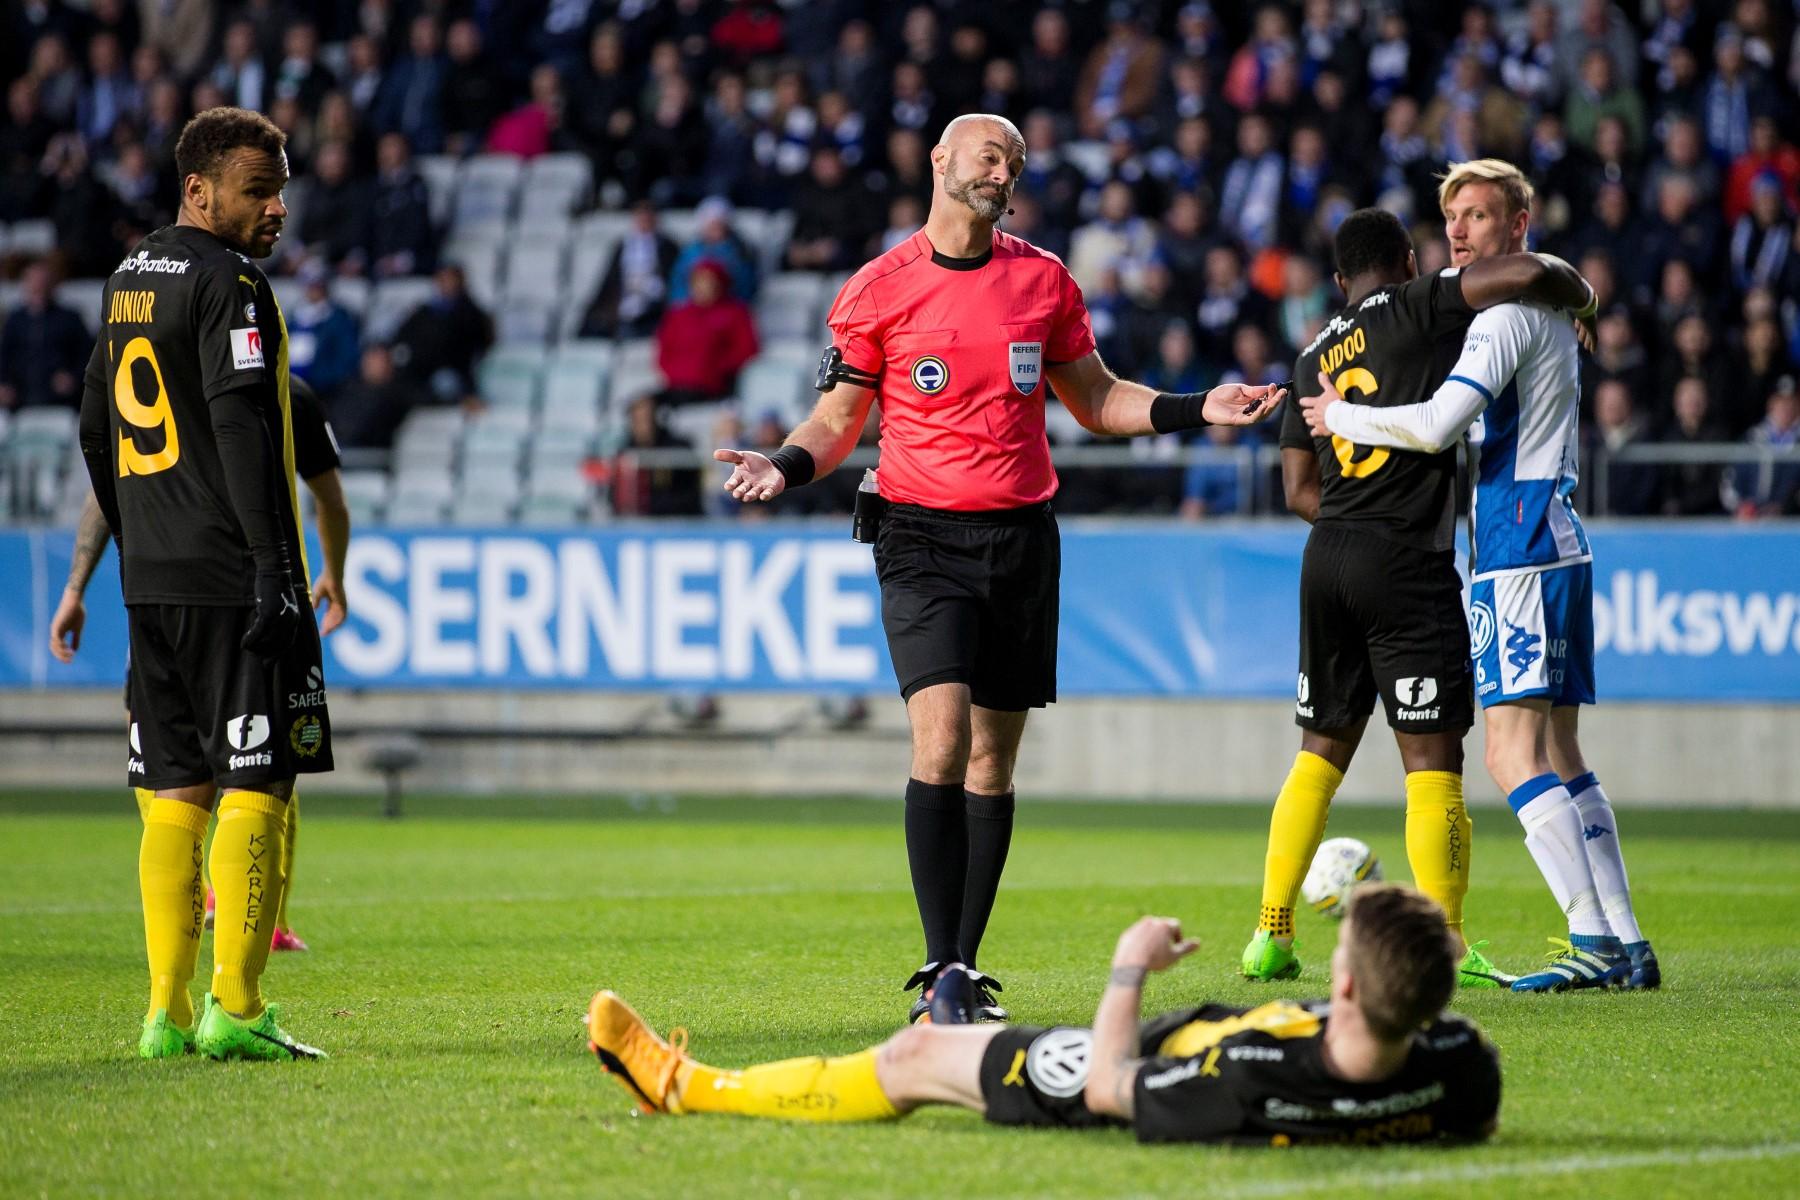 Fotboll, Allsvenskan, IFK Gšteborg - Hammarby